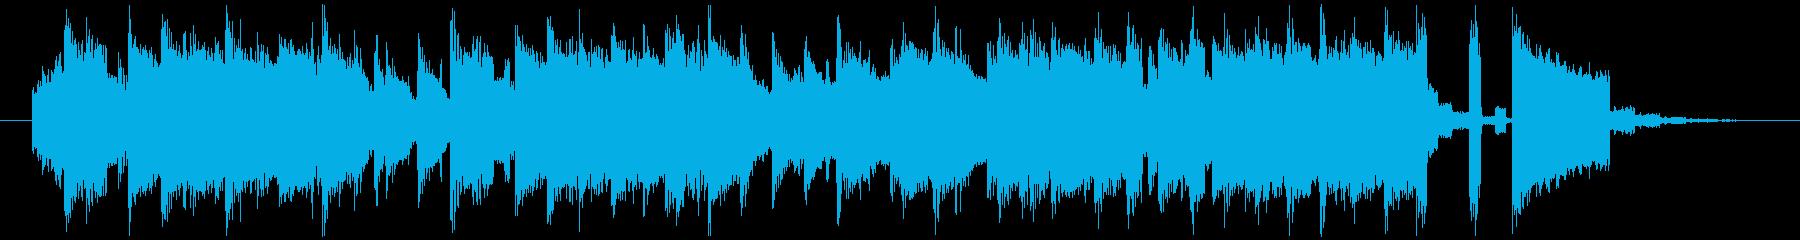 レトロゲーム風ピコピコなジングルの再生済みの波形